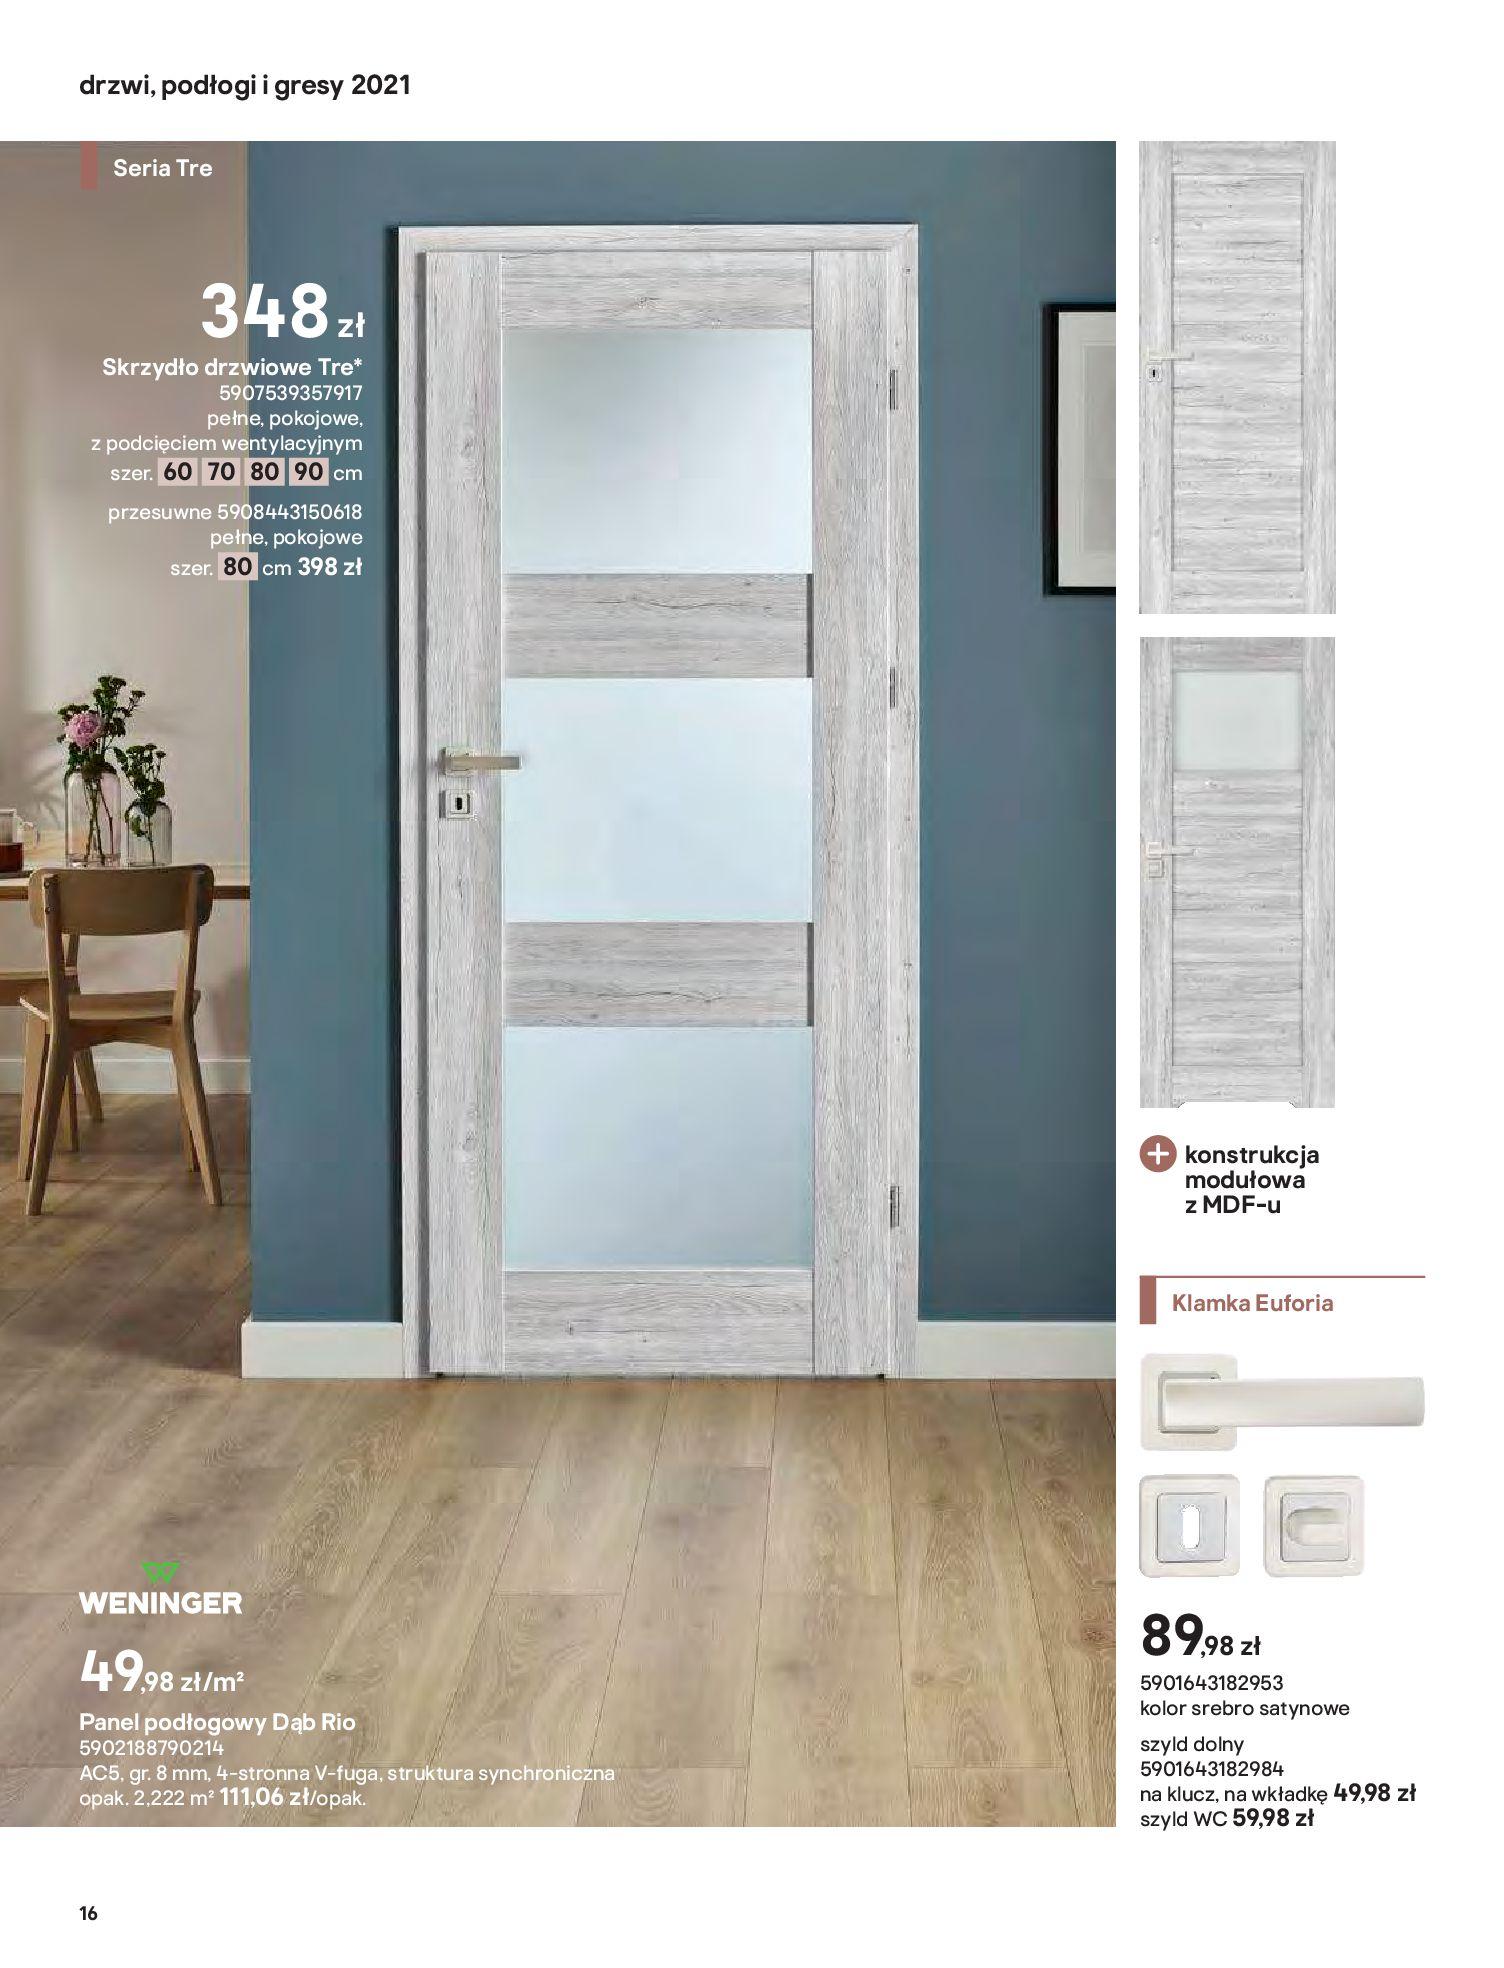 Gazetka Castorama: Gazetka Castorama - Przewodnik drzwi i podłogi 2021 2021-08-11 page-16